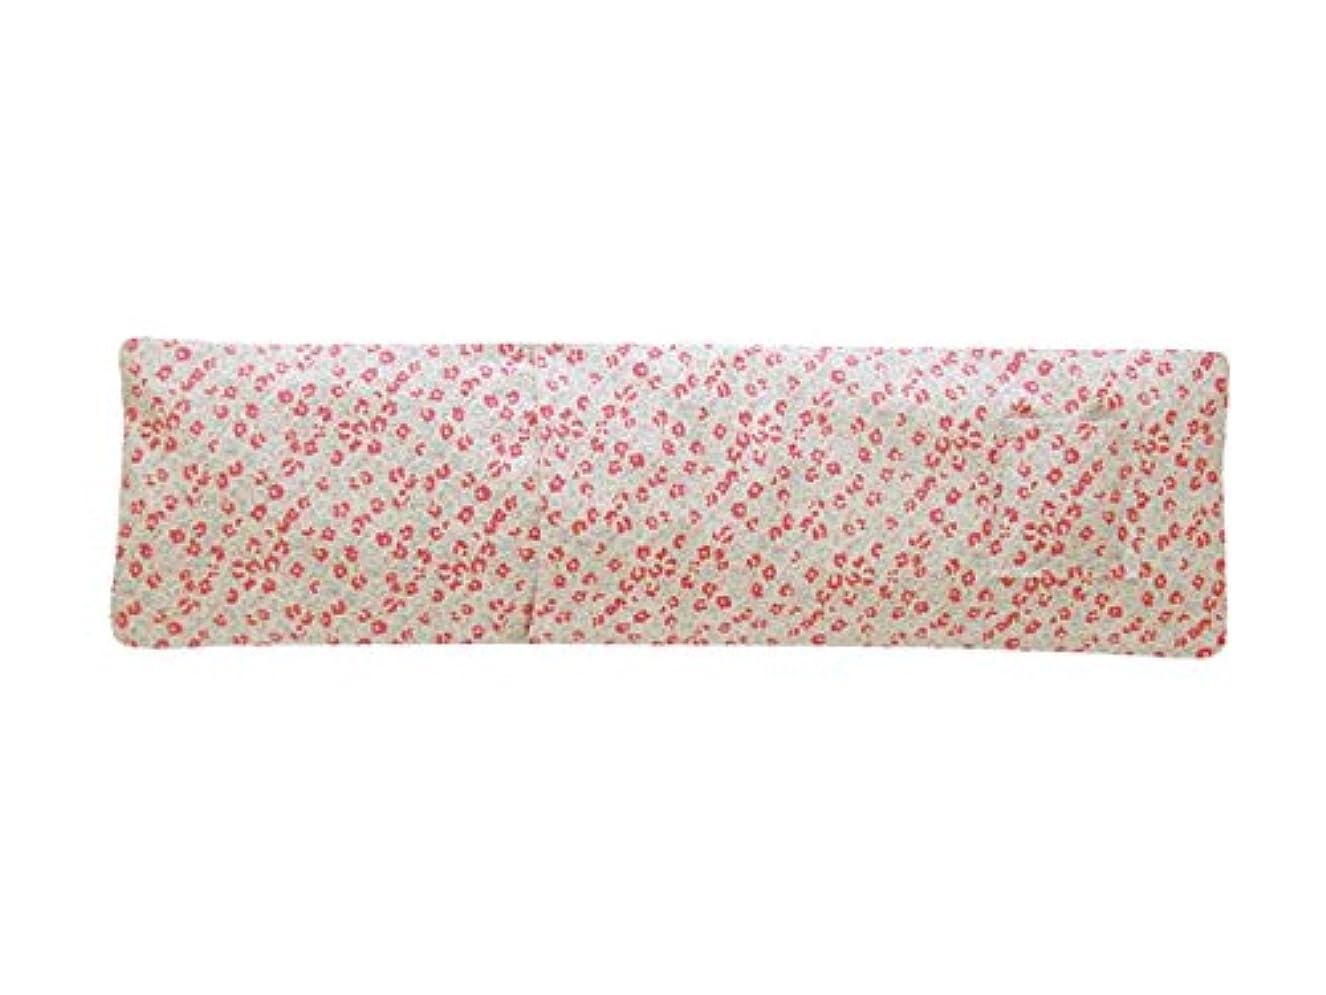 ネット自伝葡萄ホット&アイスショルダーピロー ラベンダーの香り(小花柄) JA-04LAKOB